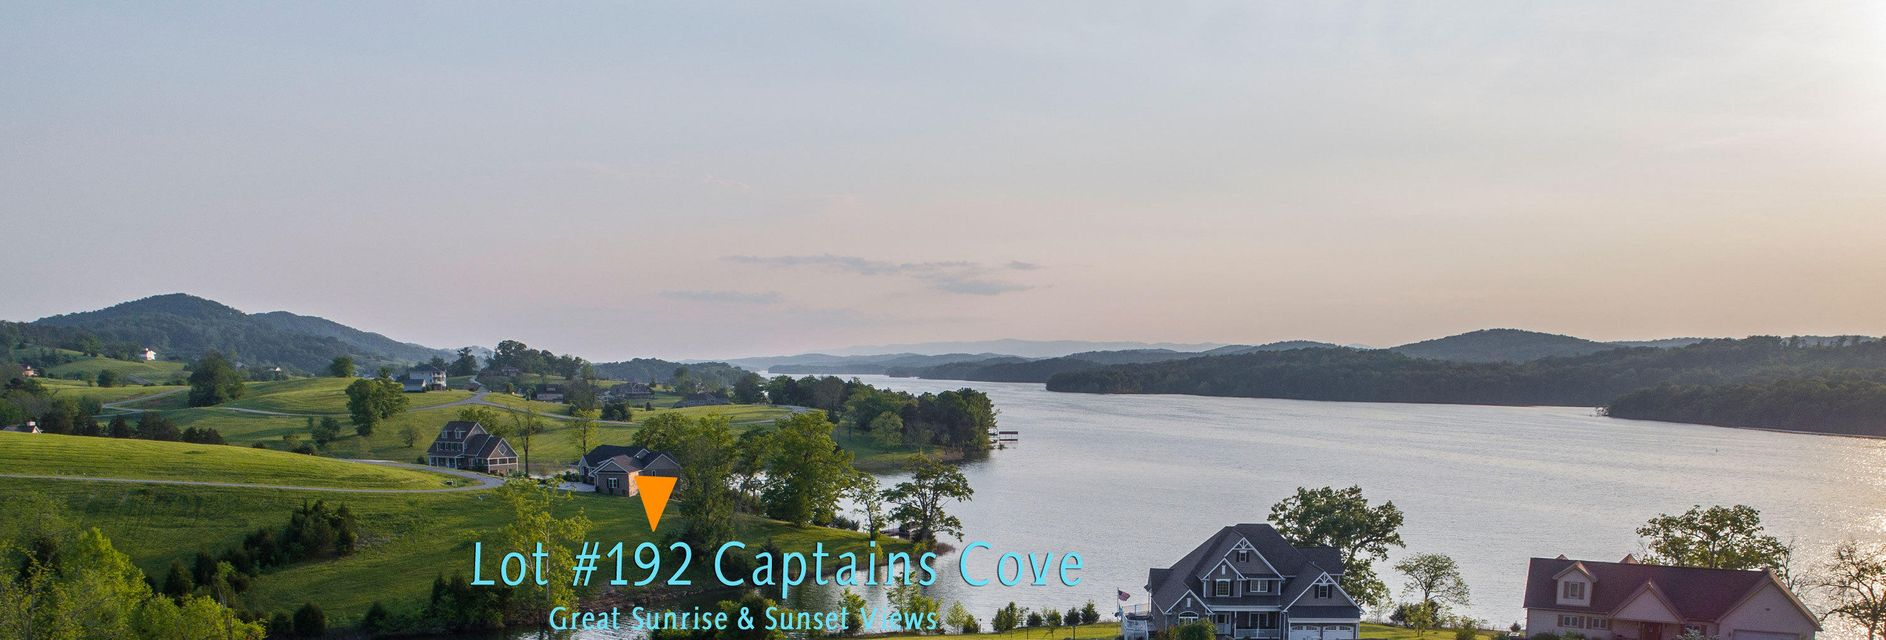 Lot 192 Captains Cove: